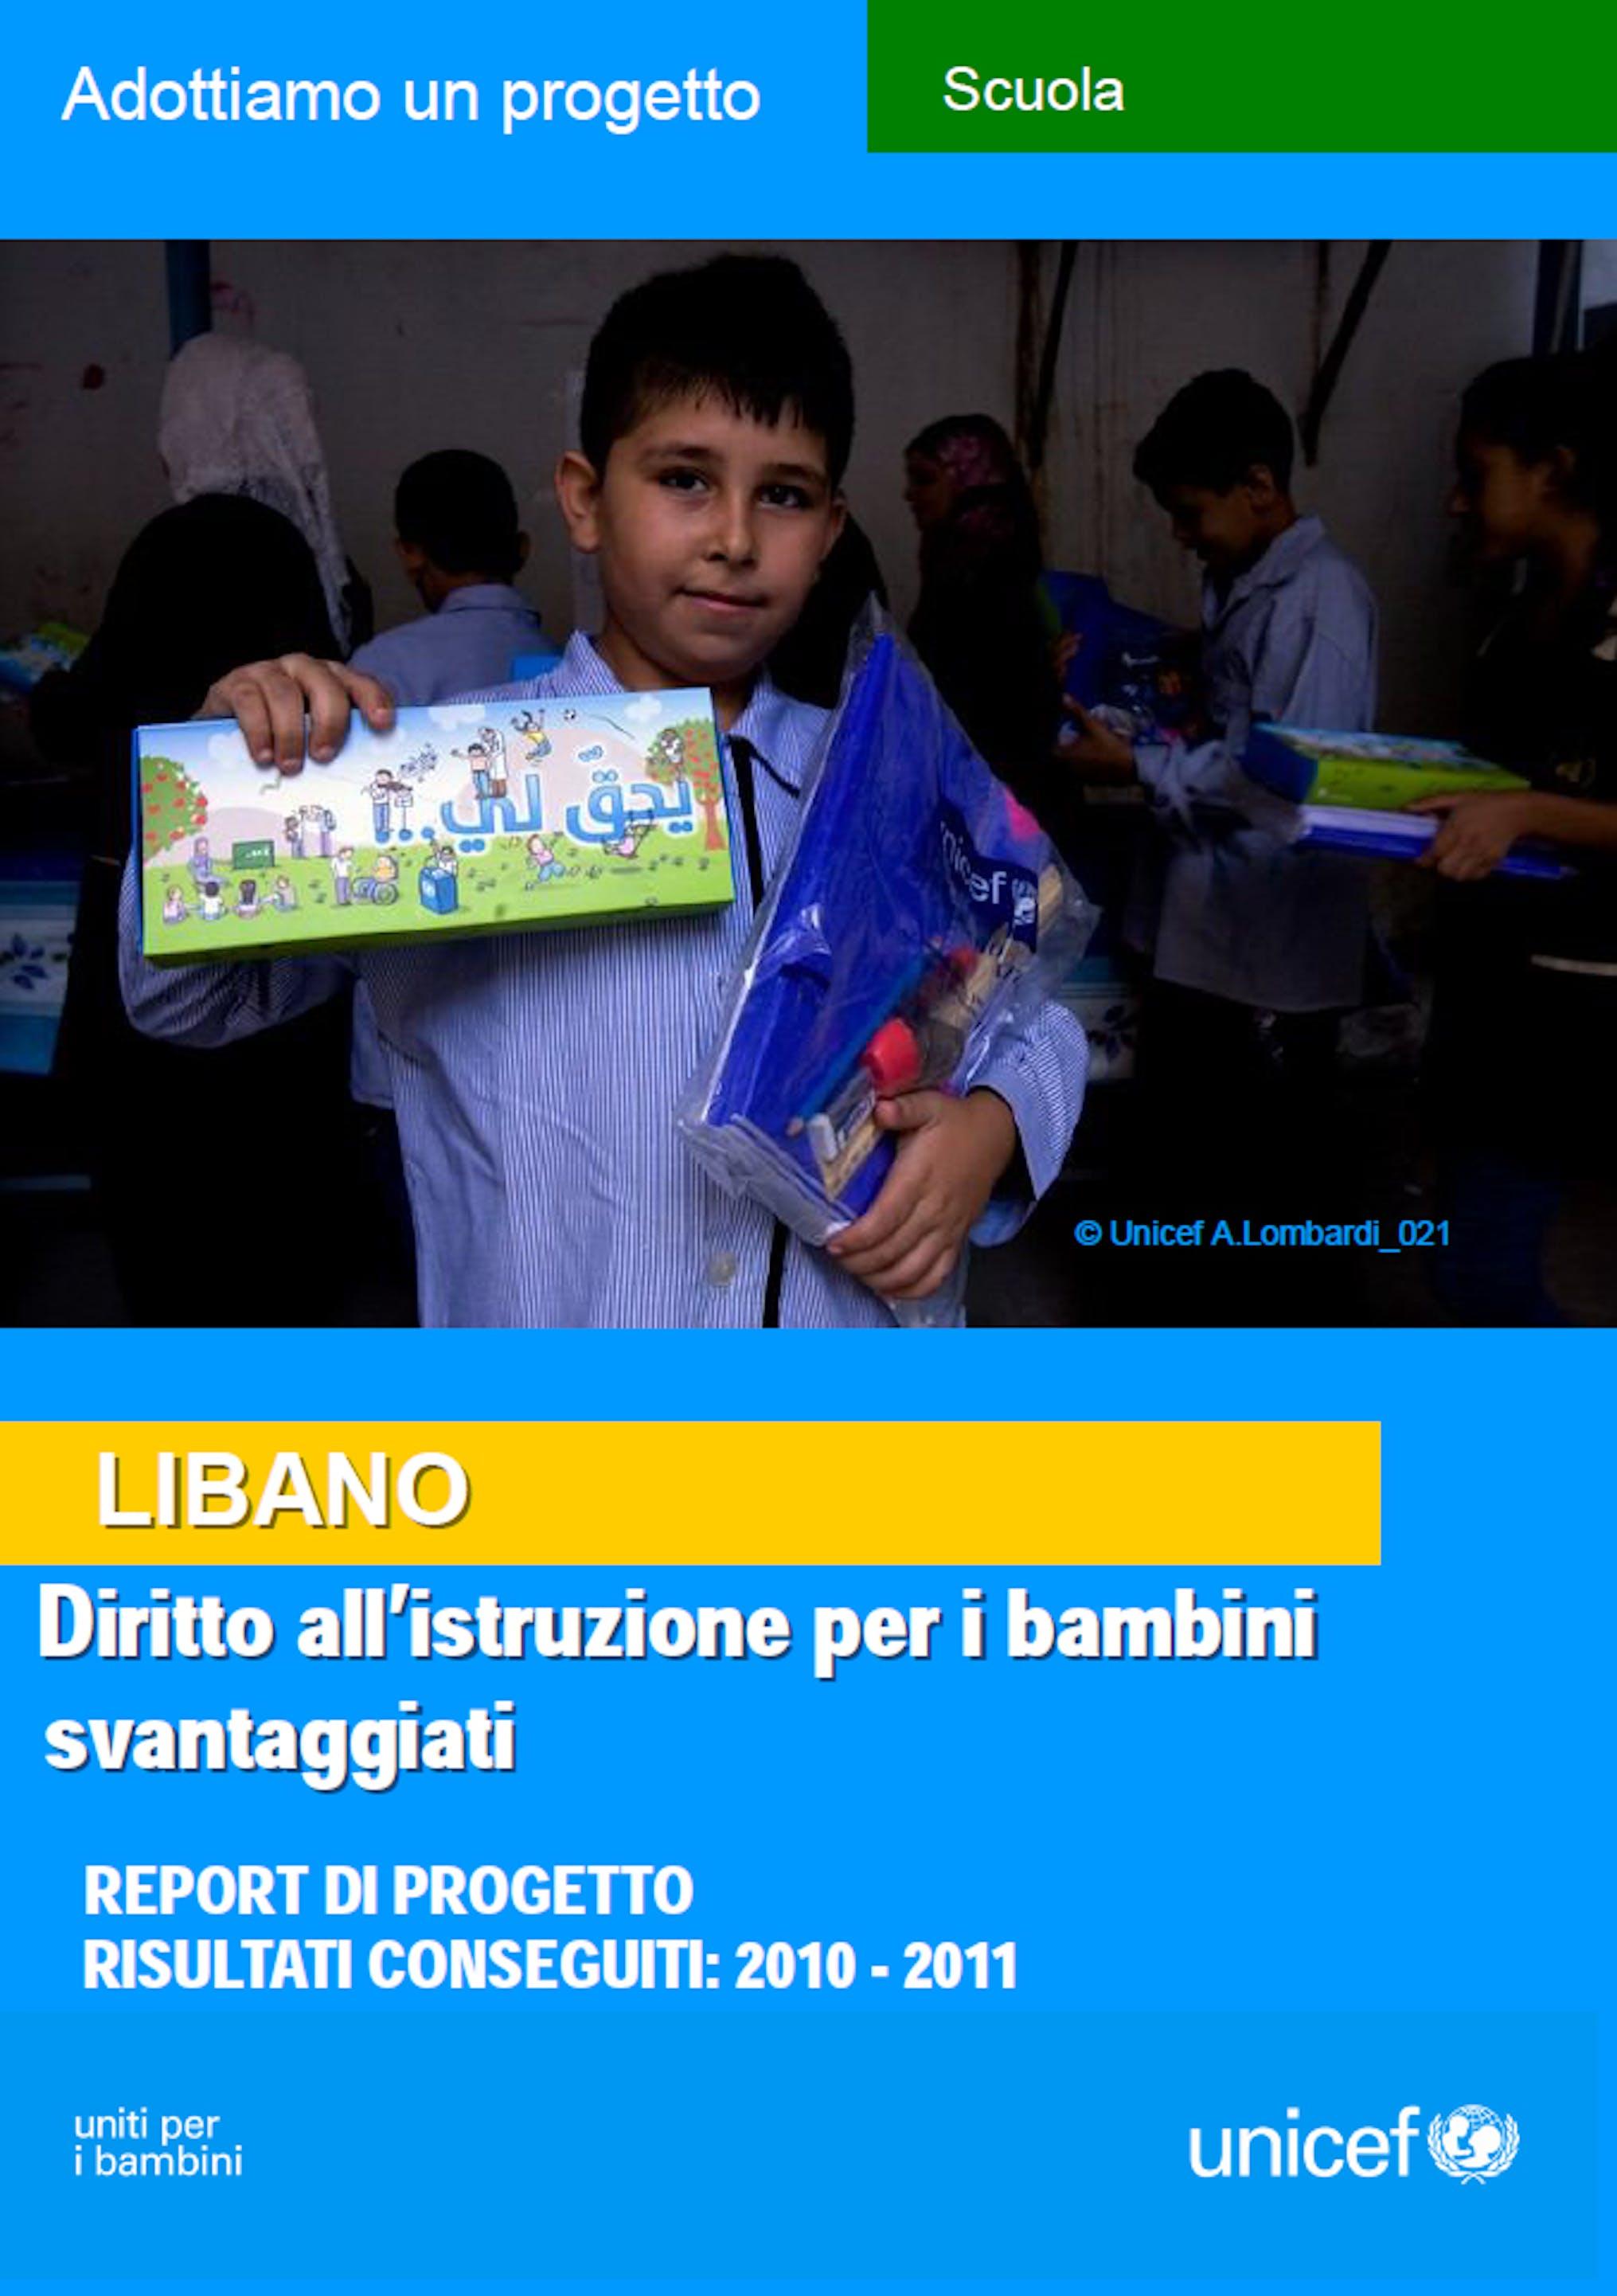 Report del progetto ''Diritto all'istruzione per i bambini svantaggiati'' nel Libano